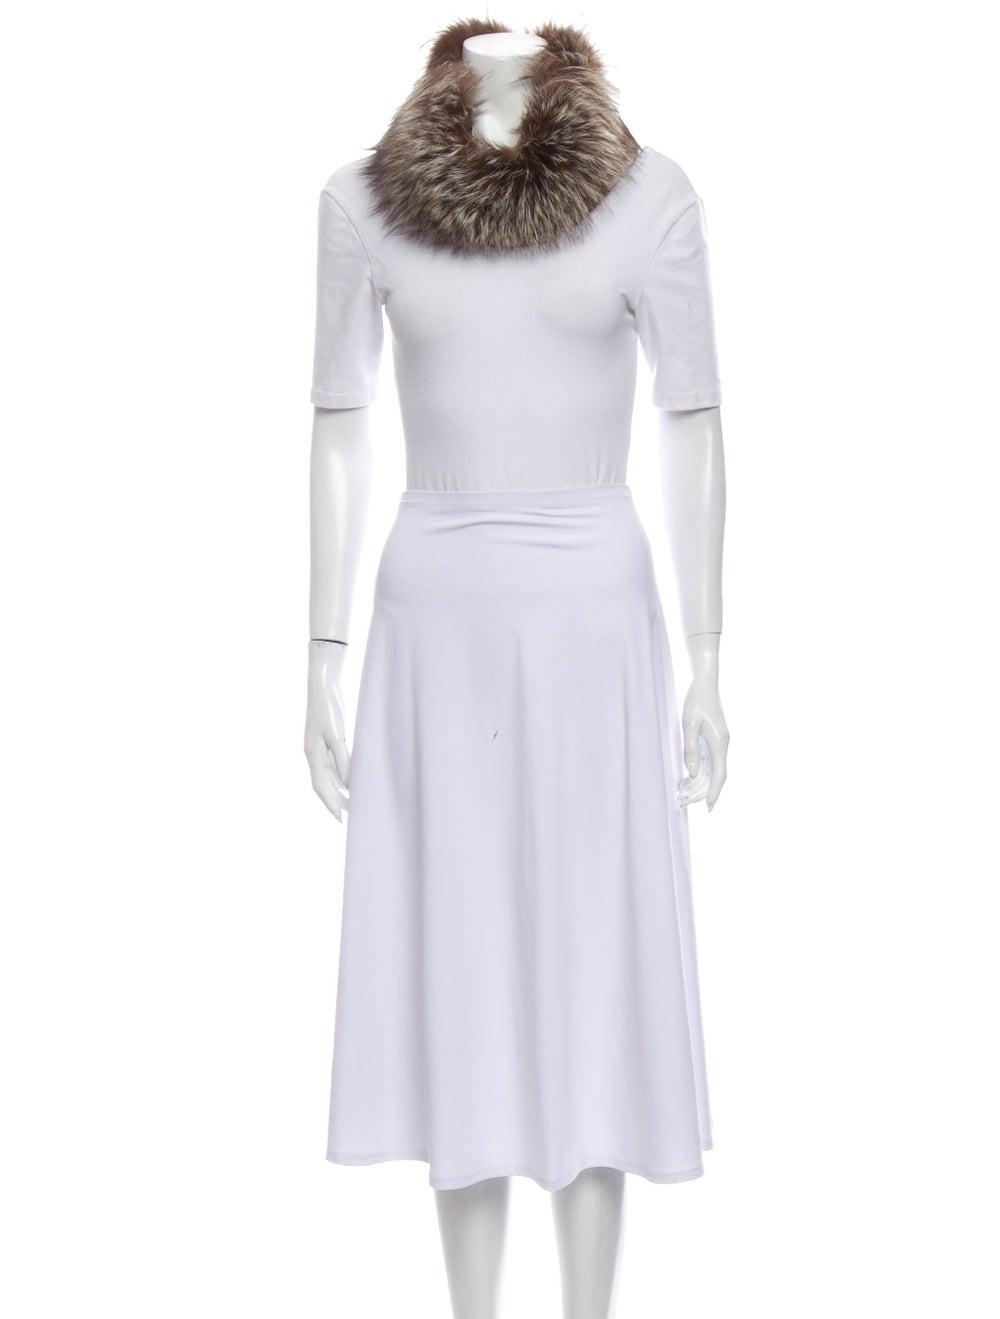 Fur Fur Stole Brown - image 3